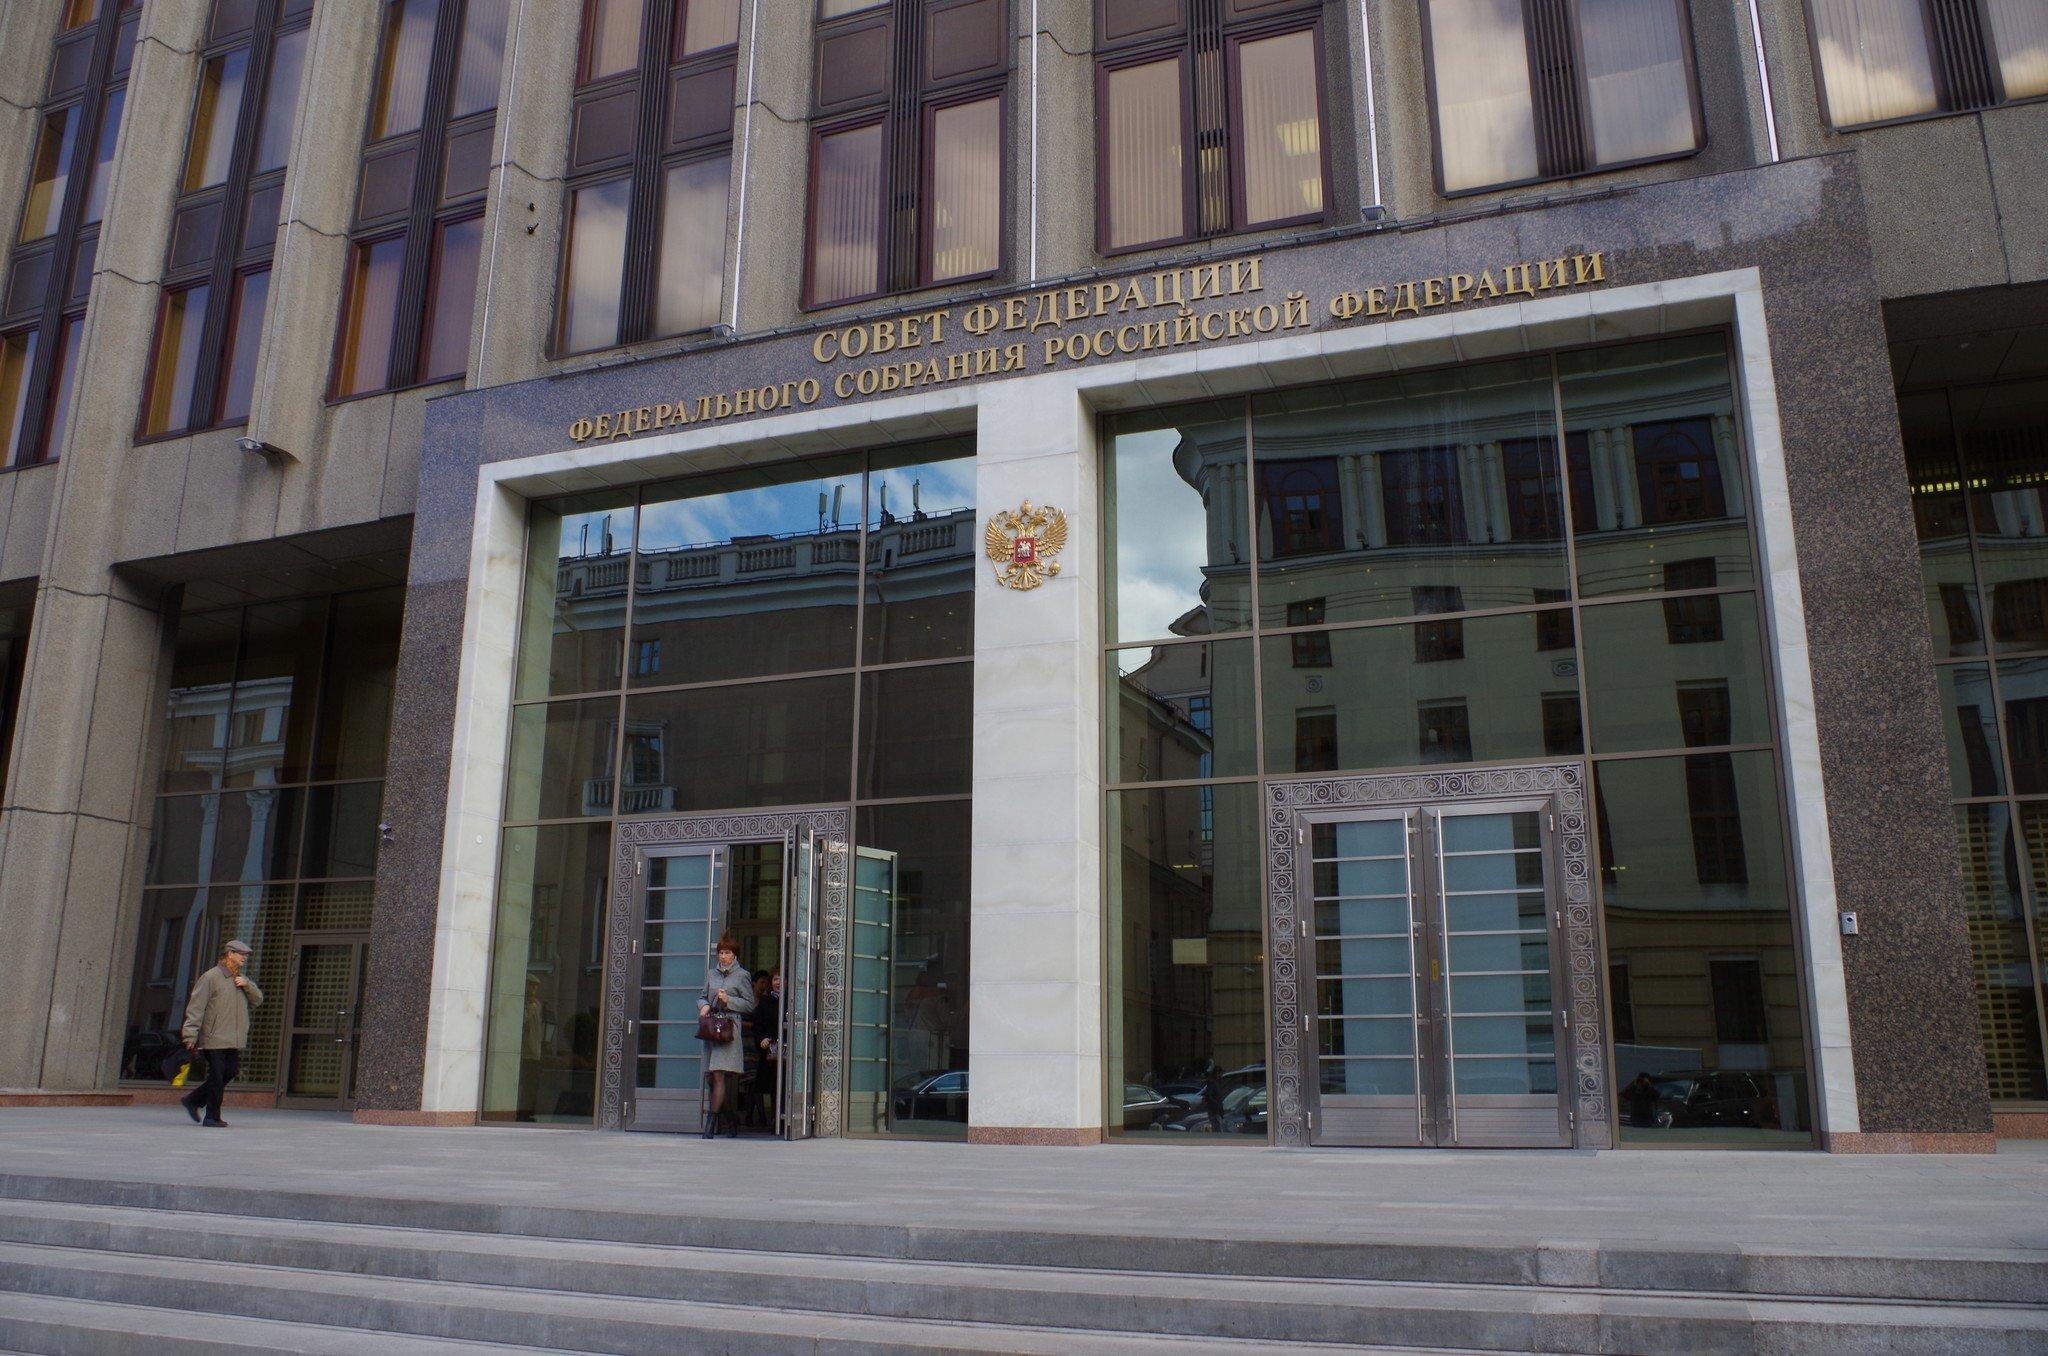 Законопроект о борьбе с домашним насилием опубликовали на сайте Совфеда